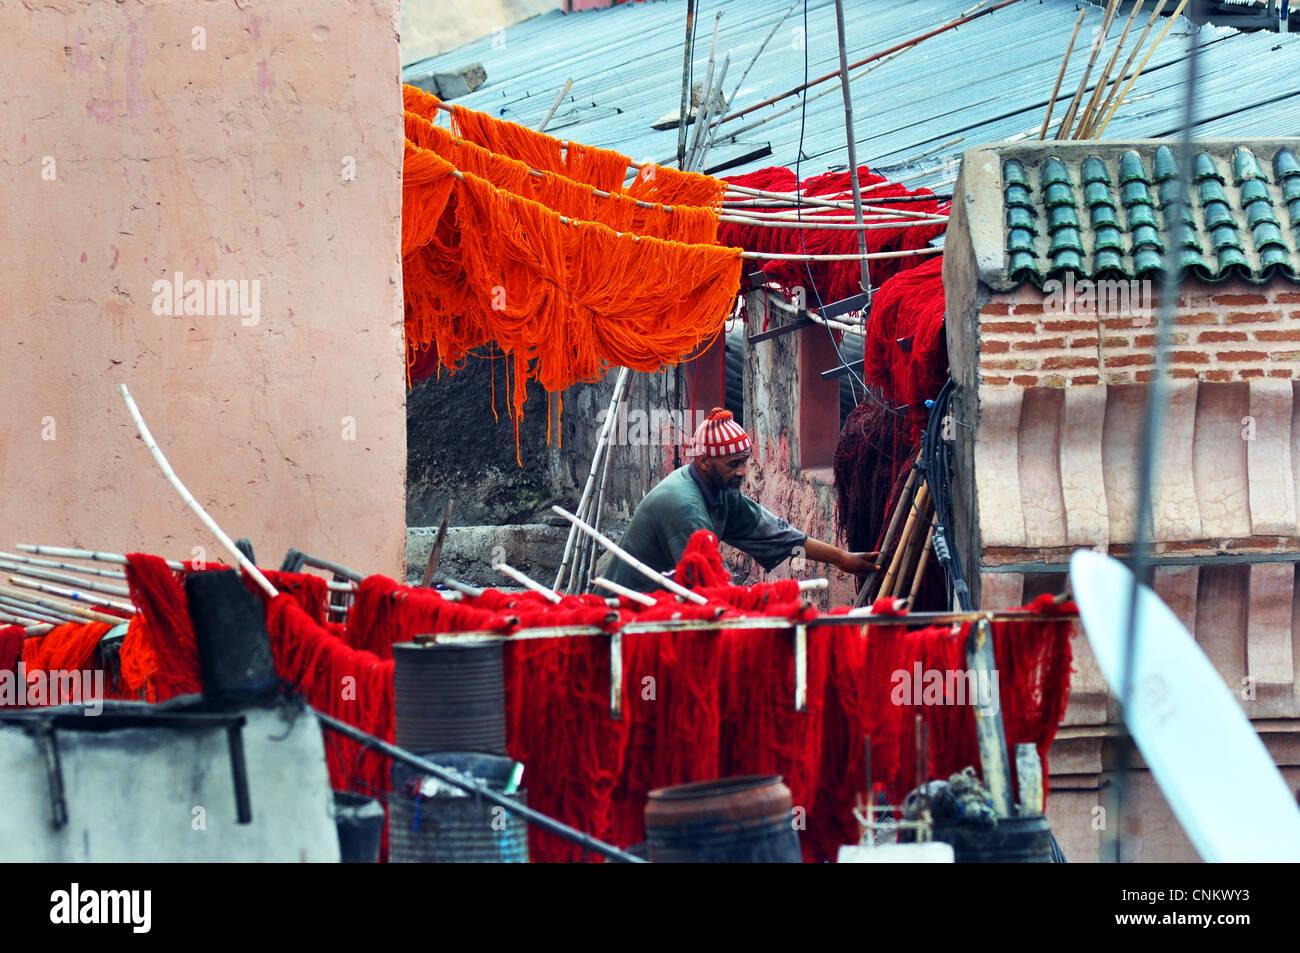 Traditionelle Wolle Färben Prozess in den Souks von Marrakesch, Marokko Stockbild